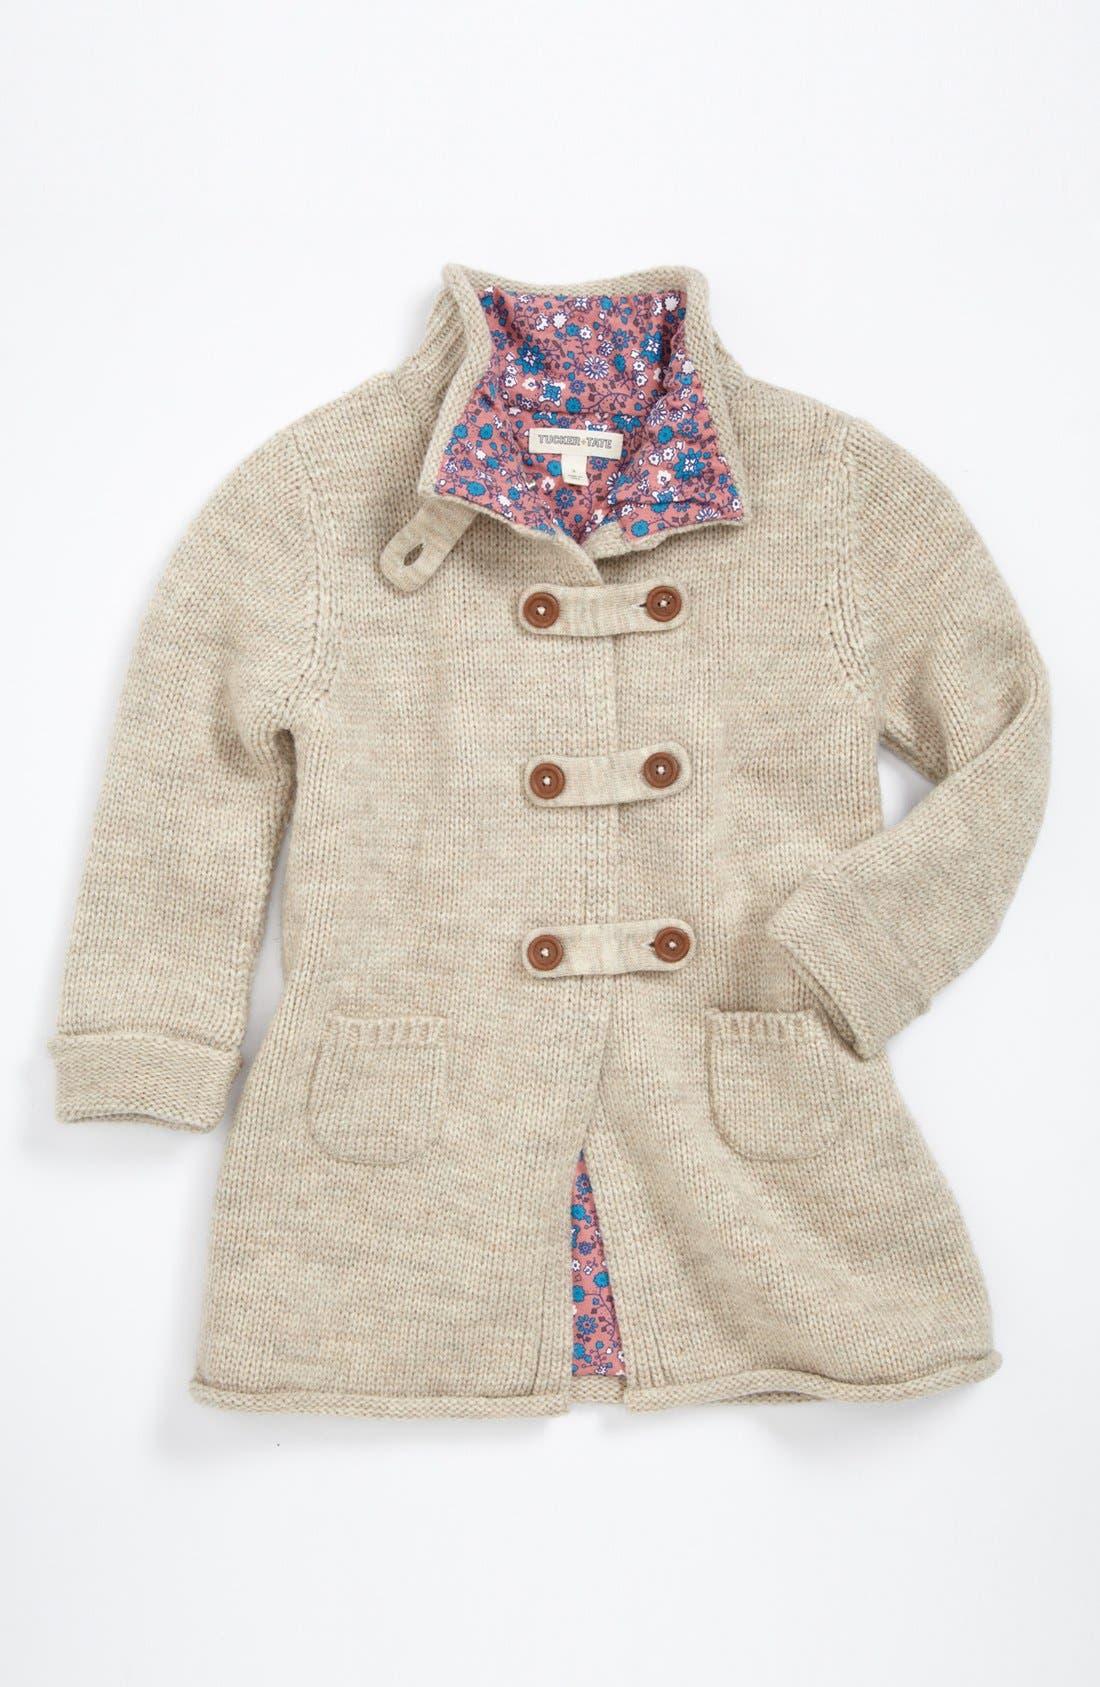 Main Image - Tucker + Tate 'Cory' Sweater Coat (Toddler Girls)